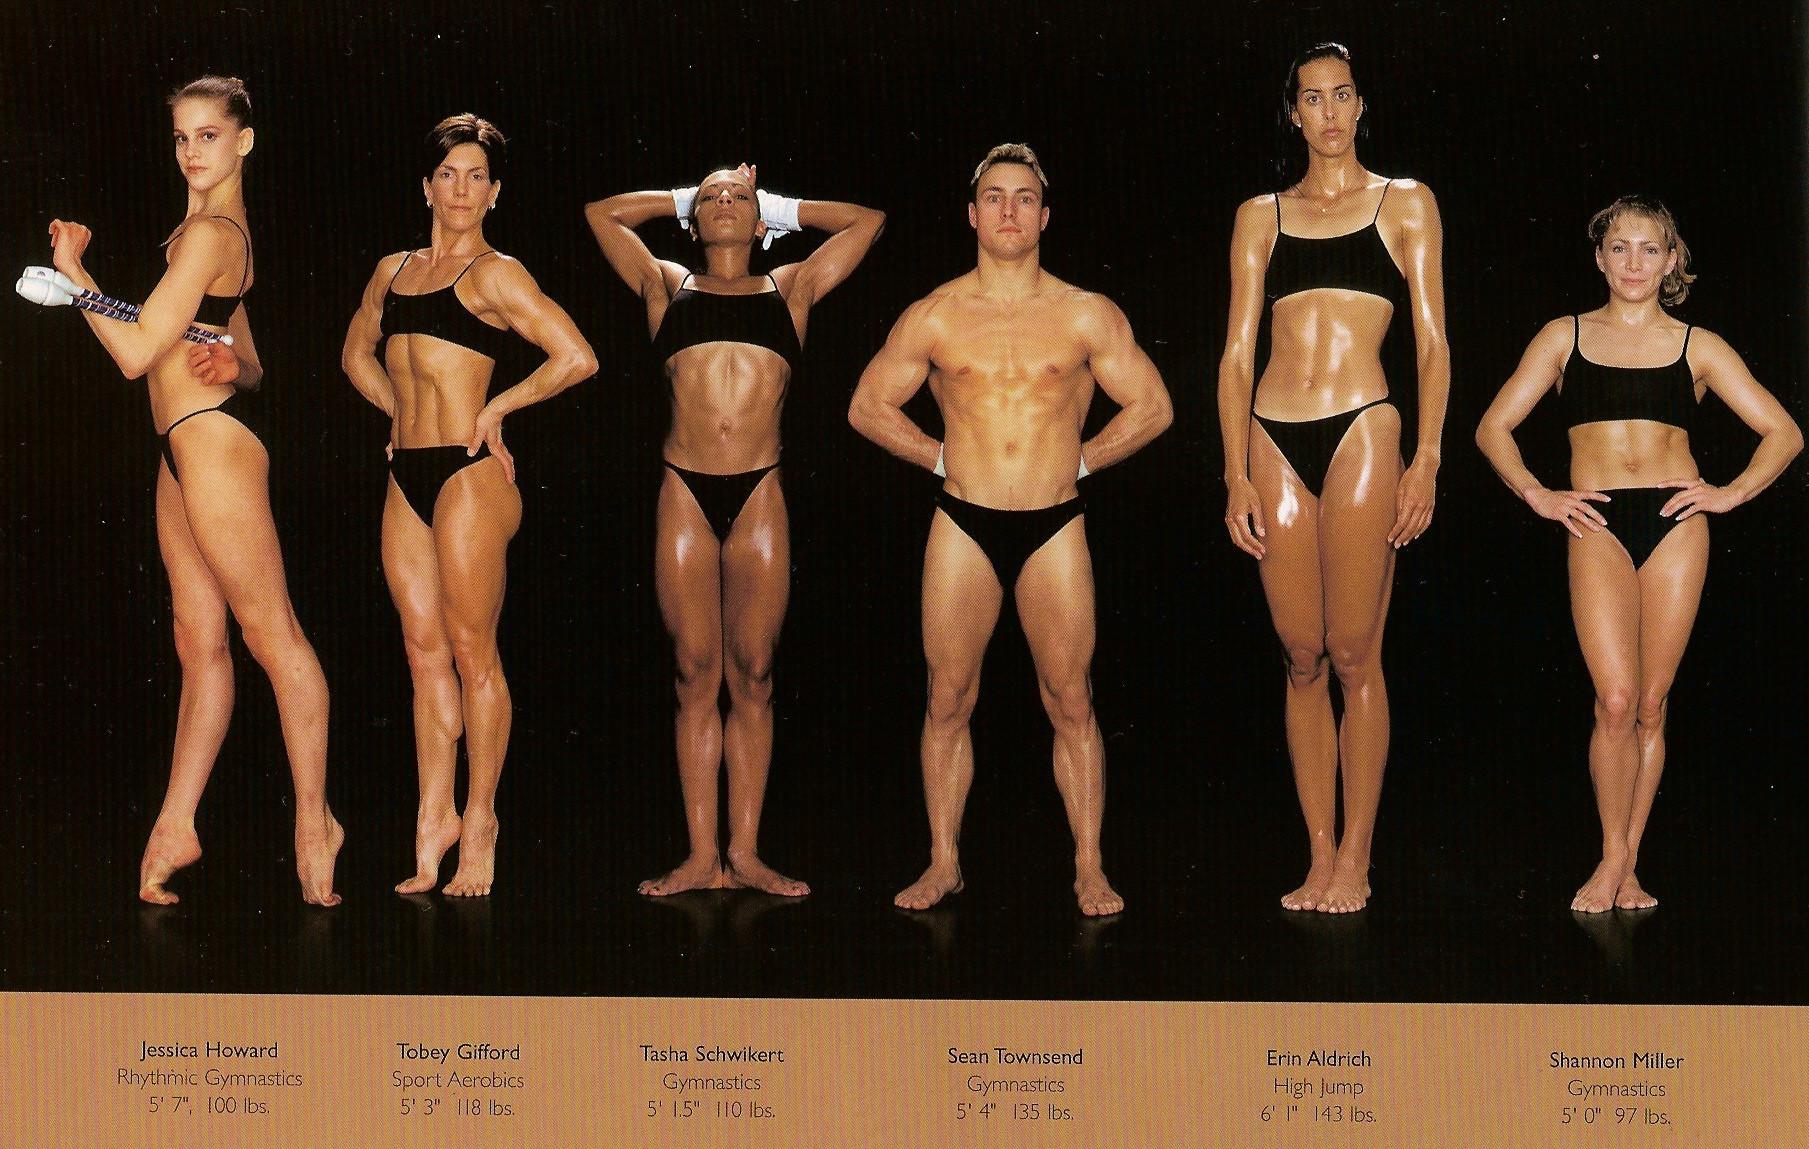 Howard Schatz / слева направо: ритмическая гимнастика, аэробика, гимнастика, тоже гимнастика, прыжки в высоту, гимнастика.